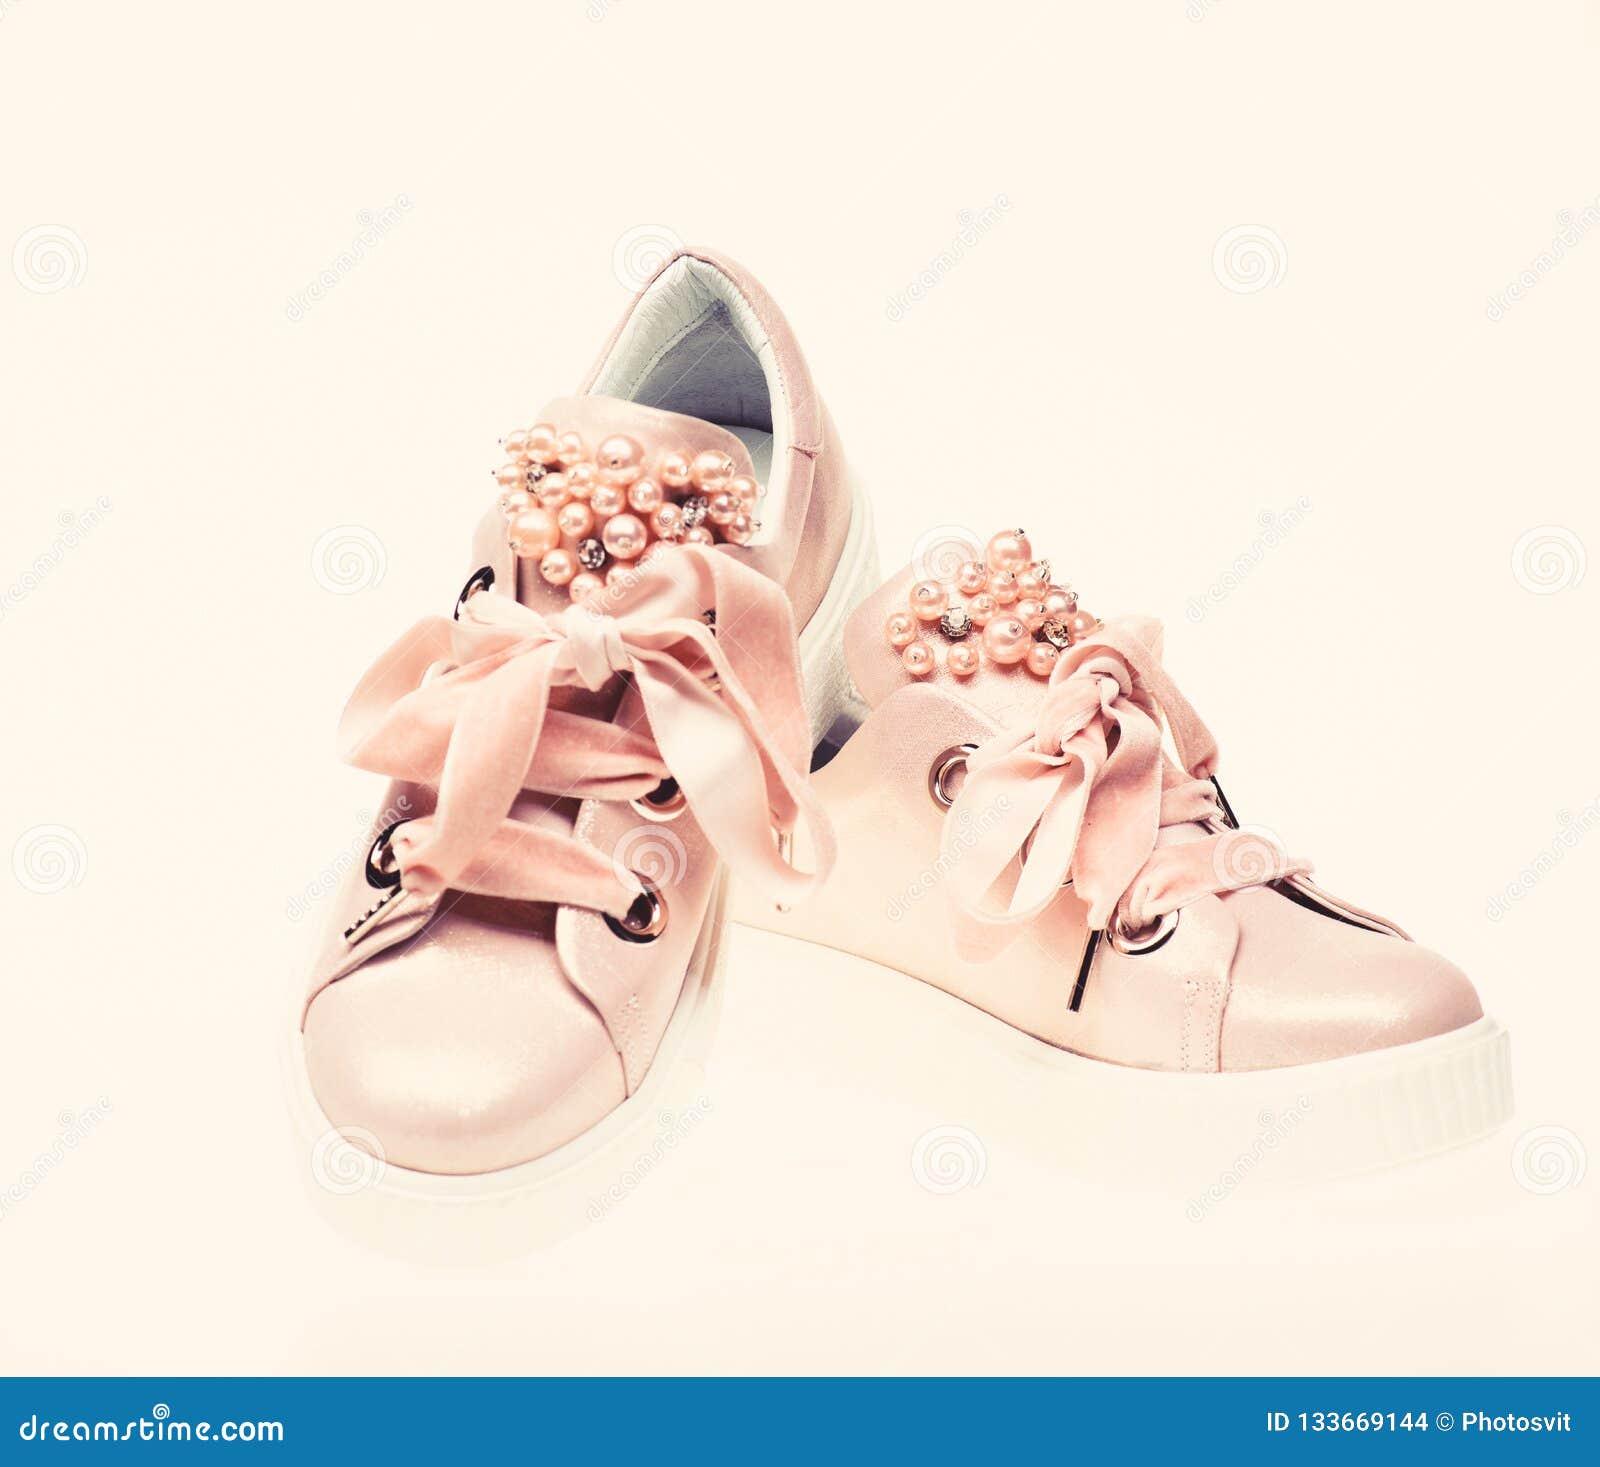 bd731454a2 Os calçados para as meninas e as mulheres decoradas com pérola perlam Pares  de pálido - sapatilhas fêmeas cor-de-rosa com fitas de veludo Conceito na  moda ...